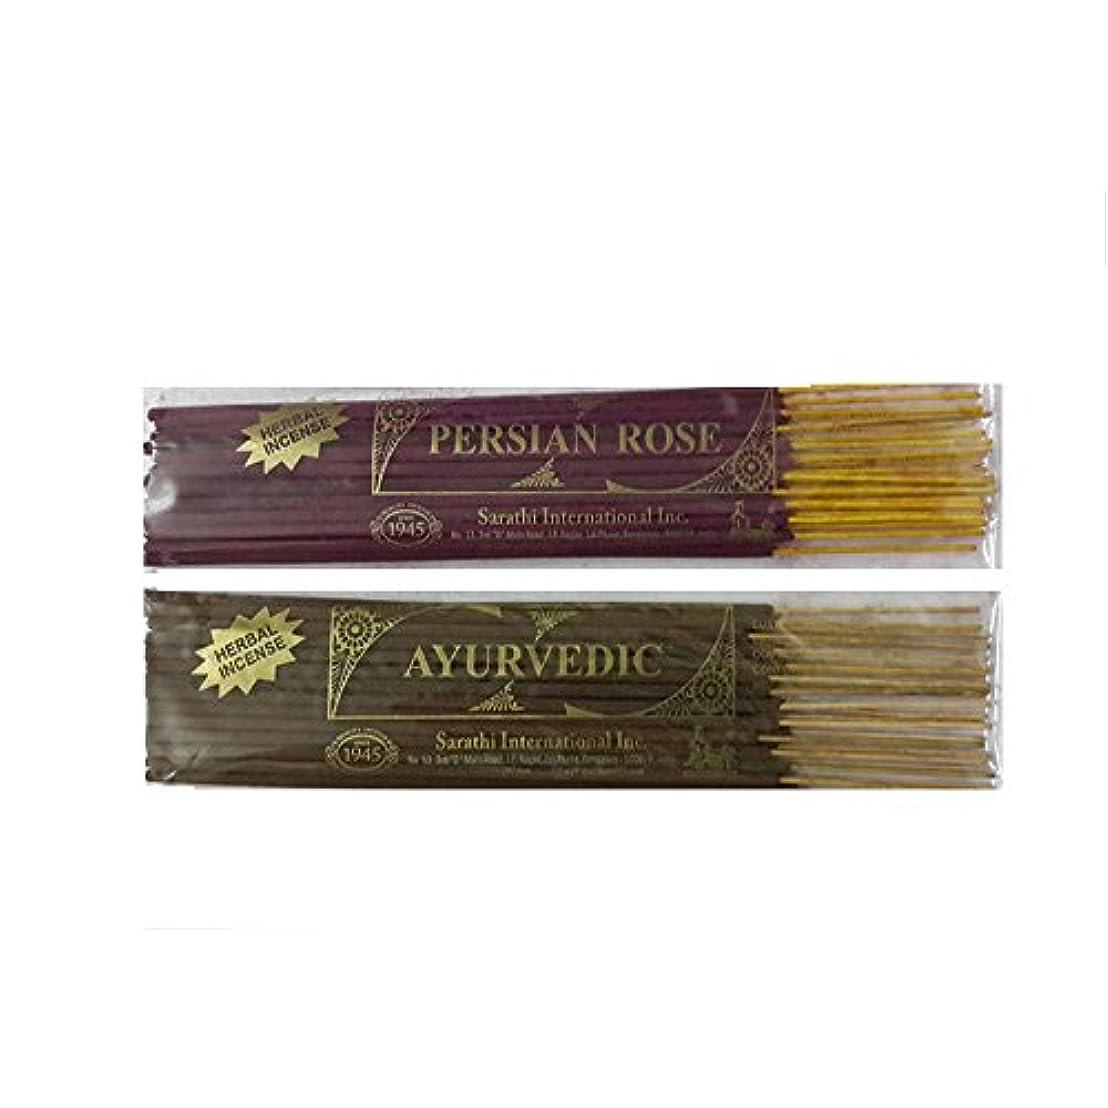 とらえどころのないリラックスカールPersian Rose and Ayurvedic Incense Sticks , 50ミリグラム – 2のセット